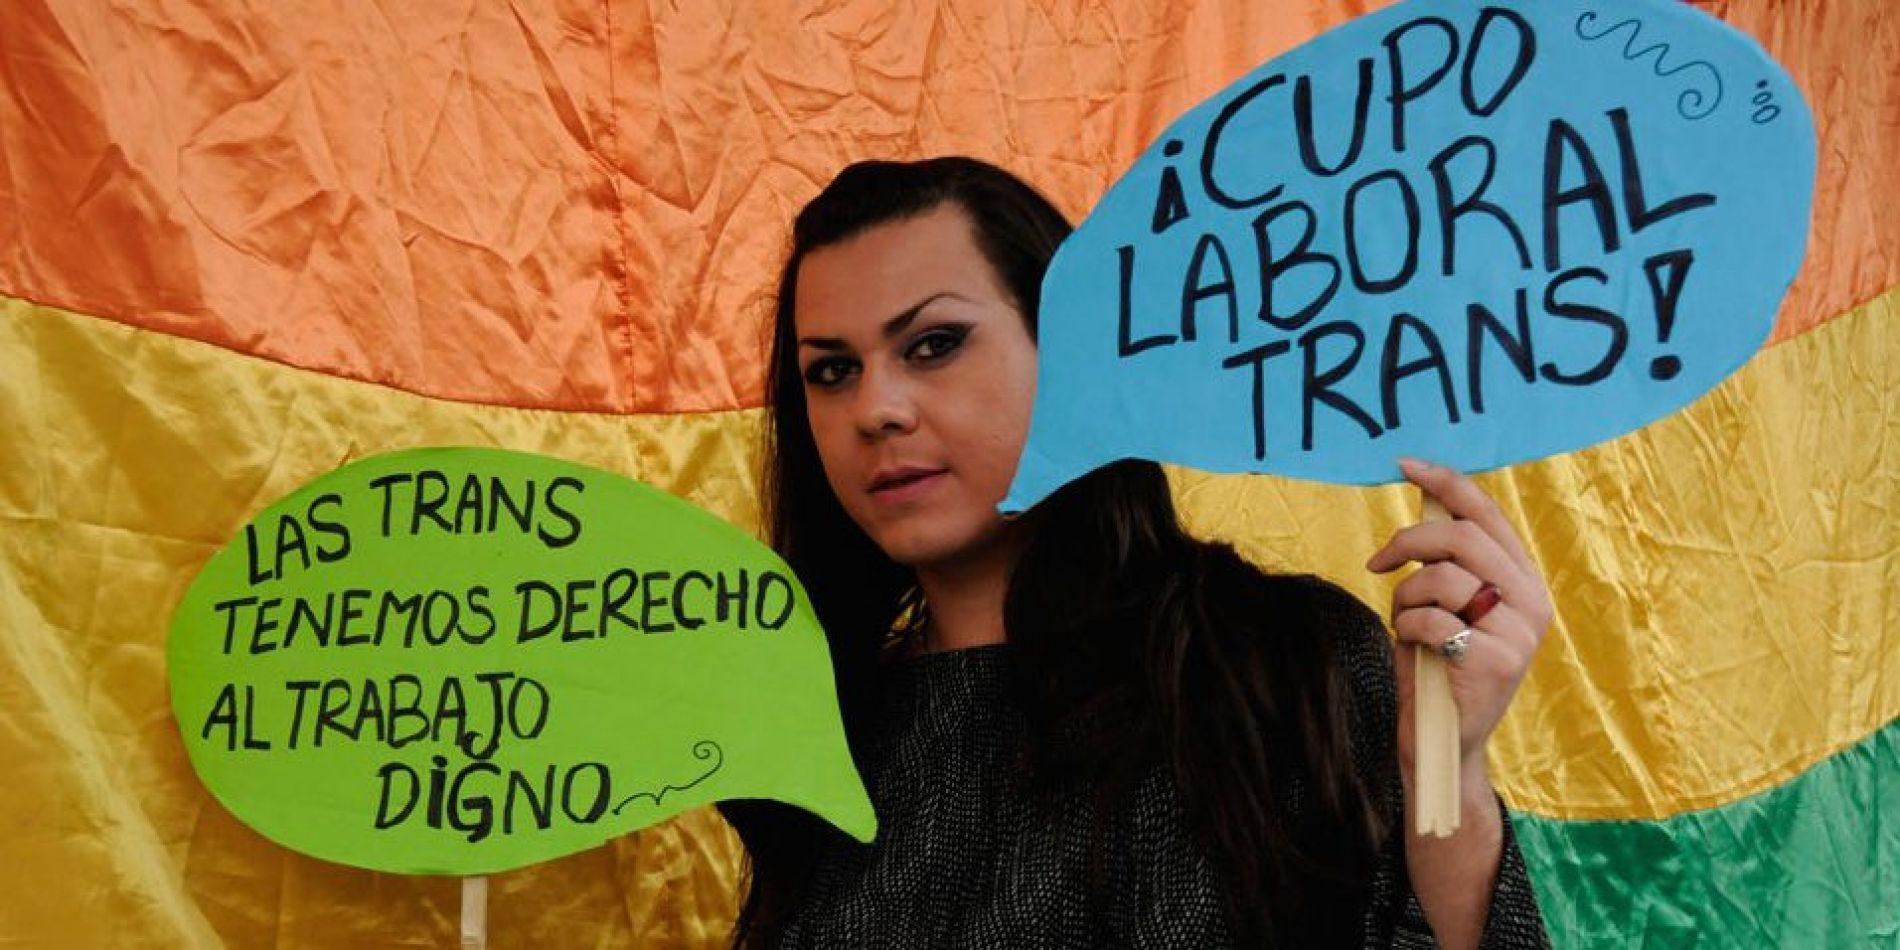 Foto: Agencia Presentes